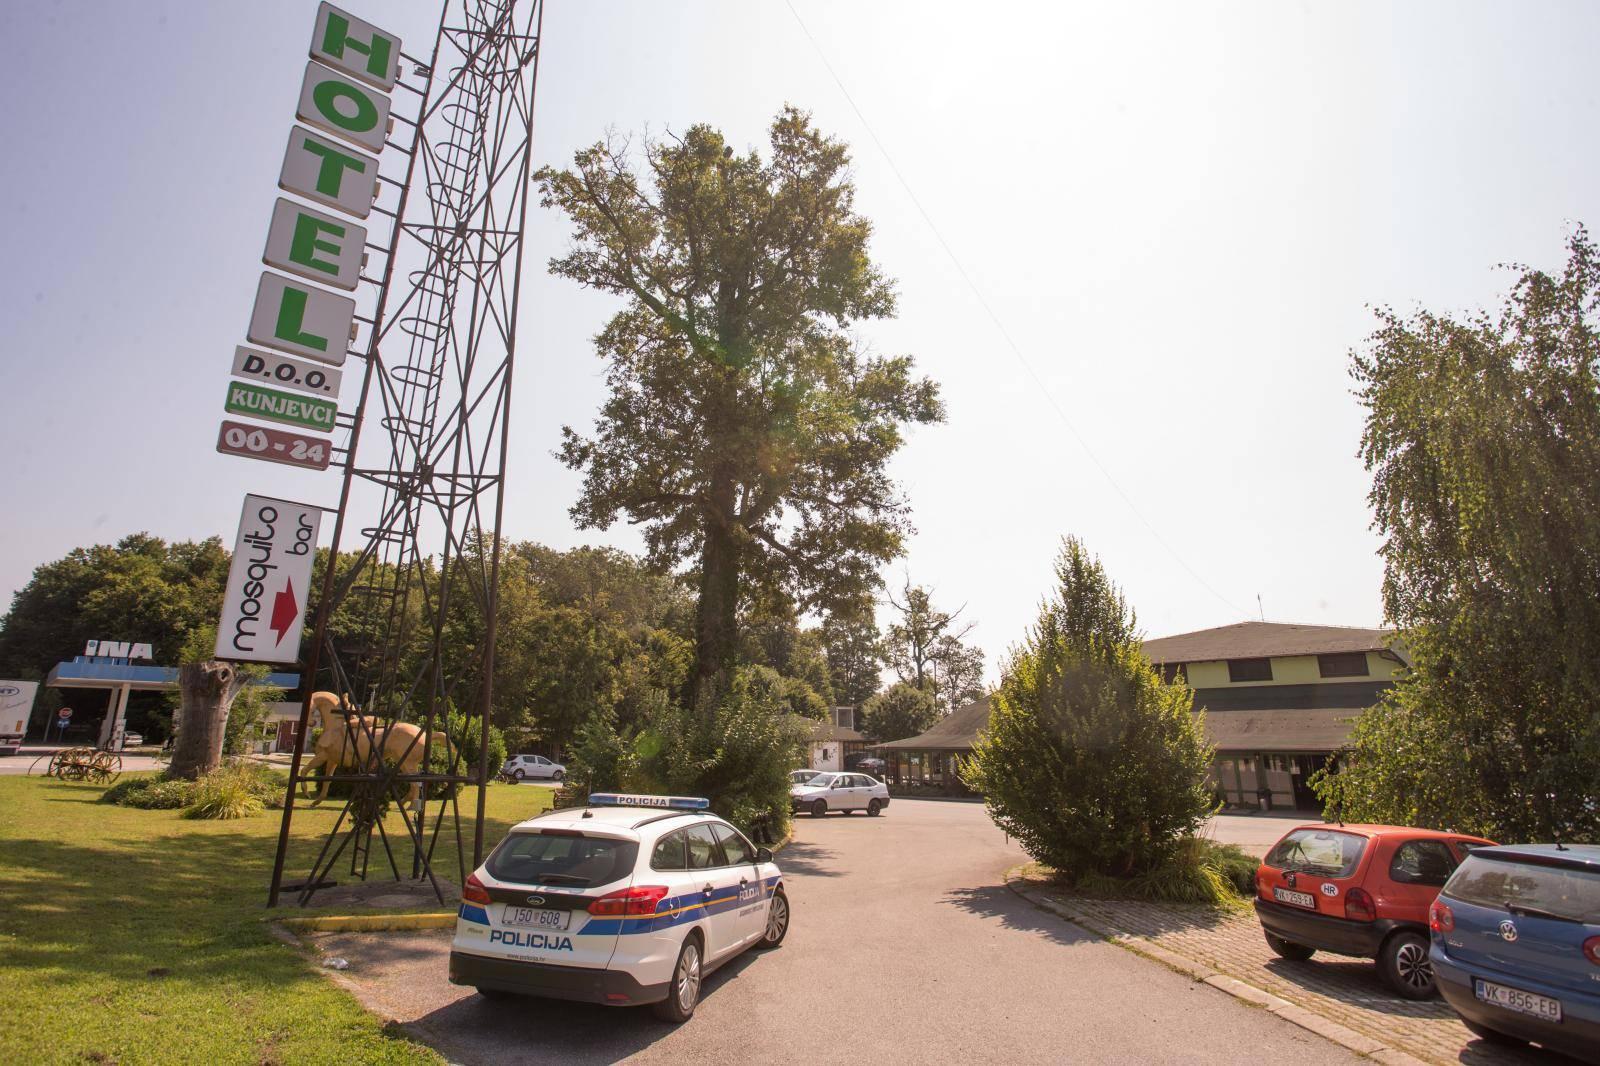 Krvava noć u Vinkovcima: Ubio mladića zbog pizze i pobjegao?